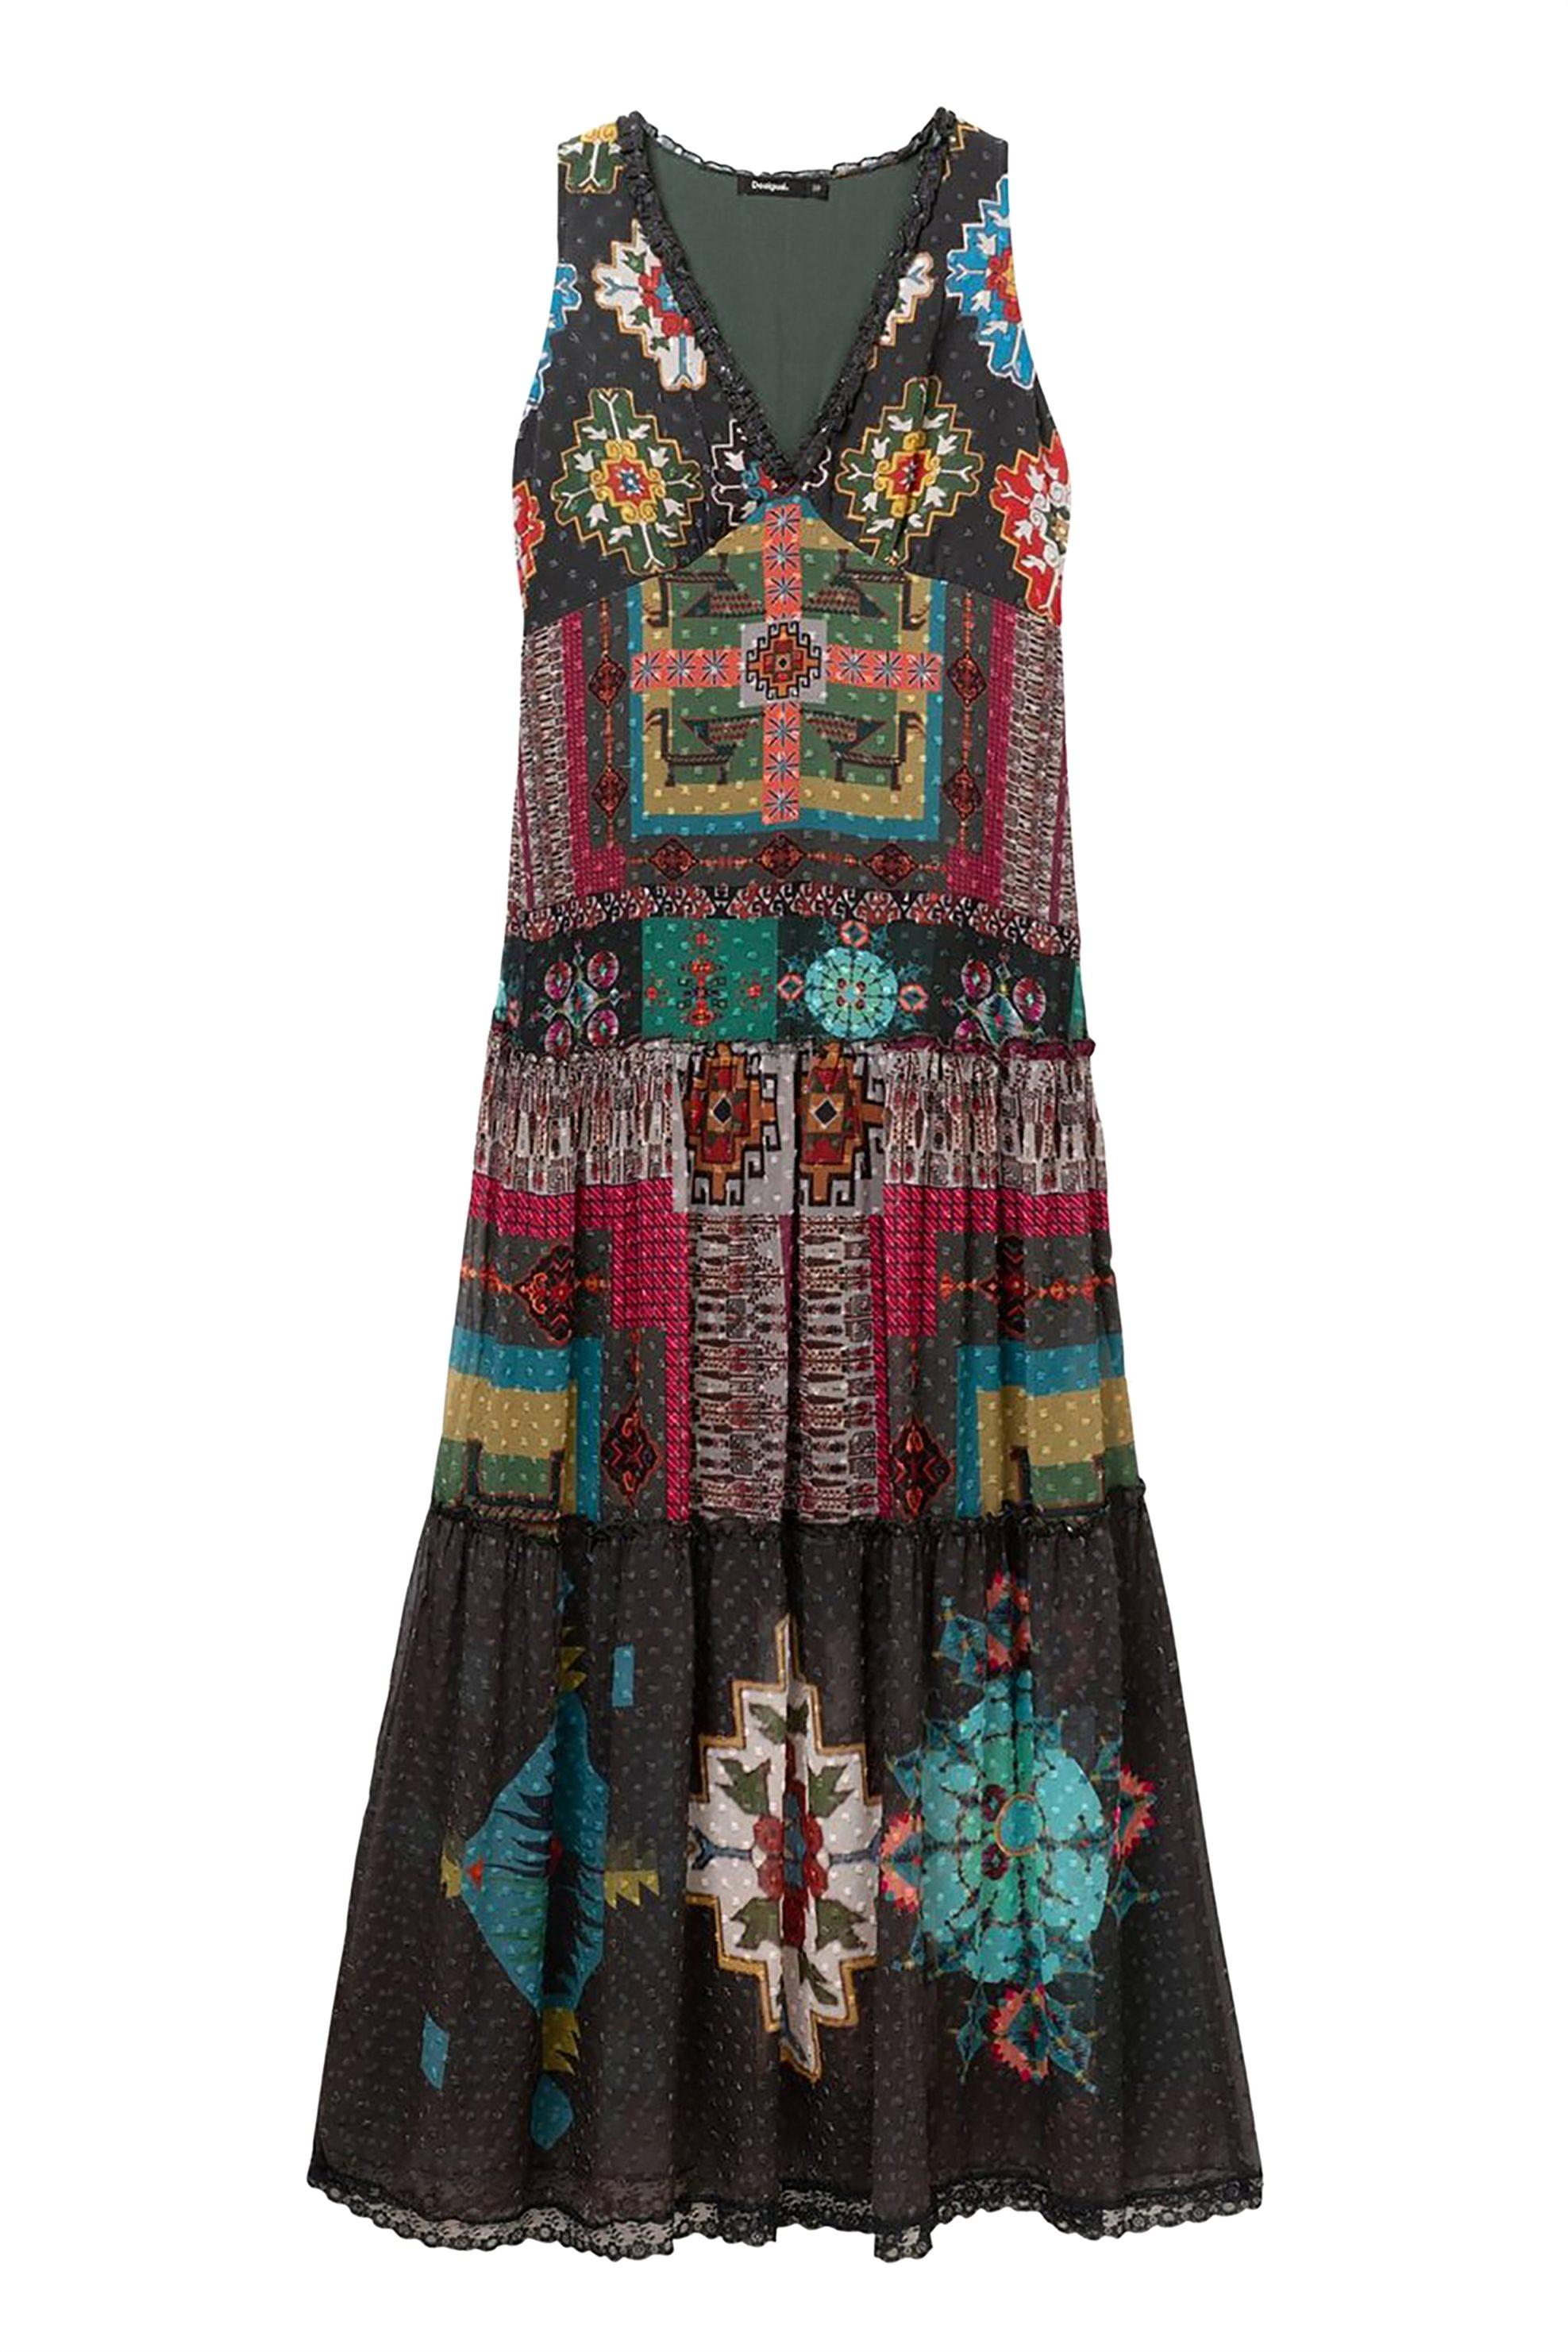 050f1e14f4e8 Notos Desigual γυναικείo maxi φόρεμα με V λαιμόκοψη Νicole - 19SWVW76 - Χακί